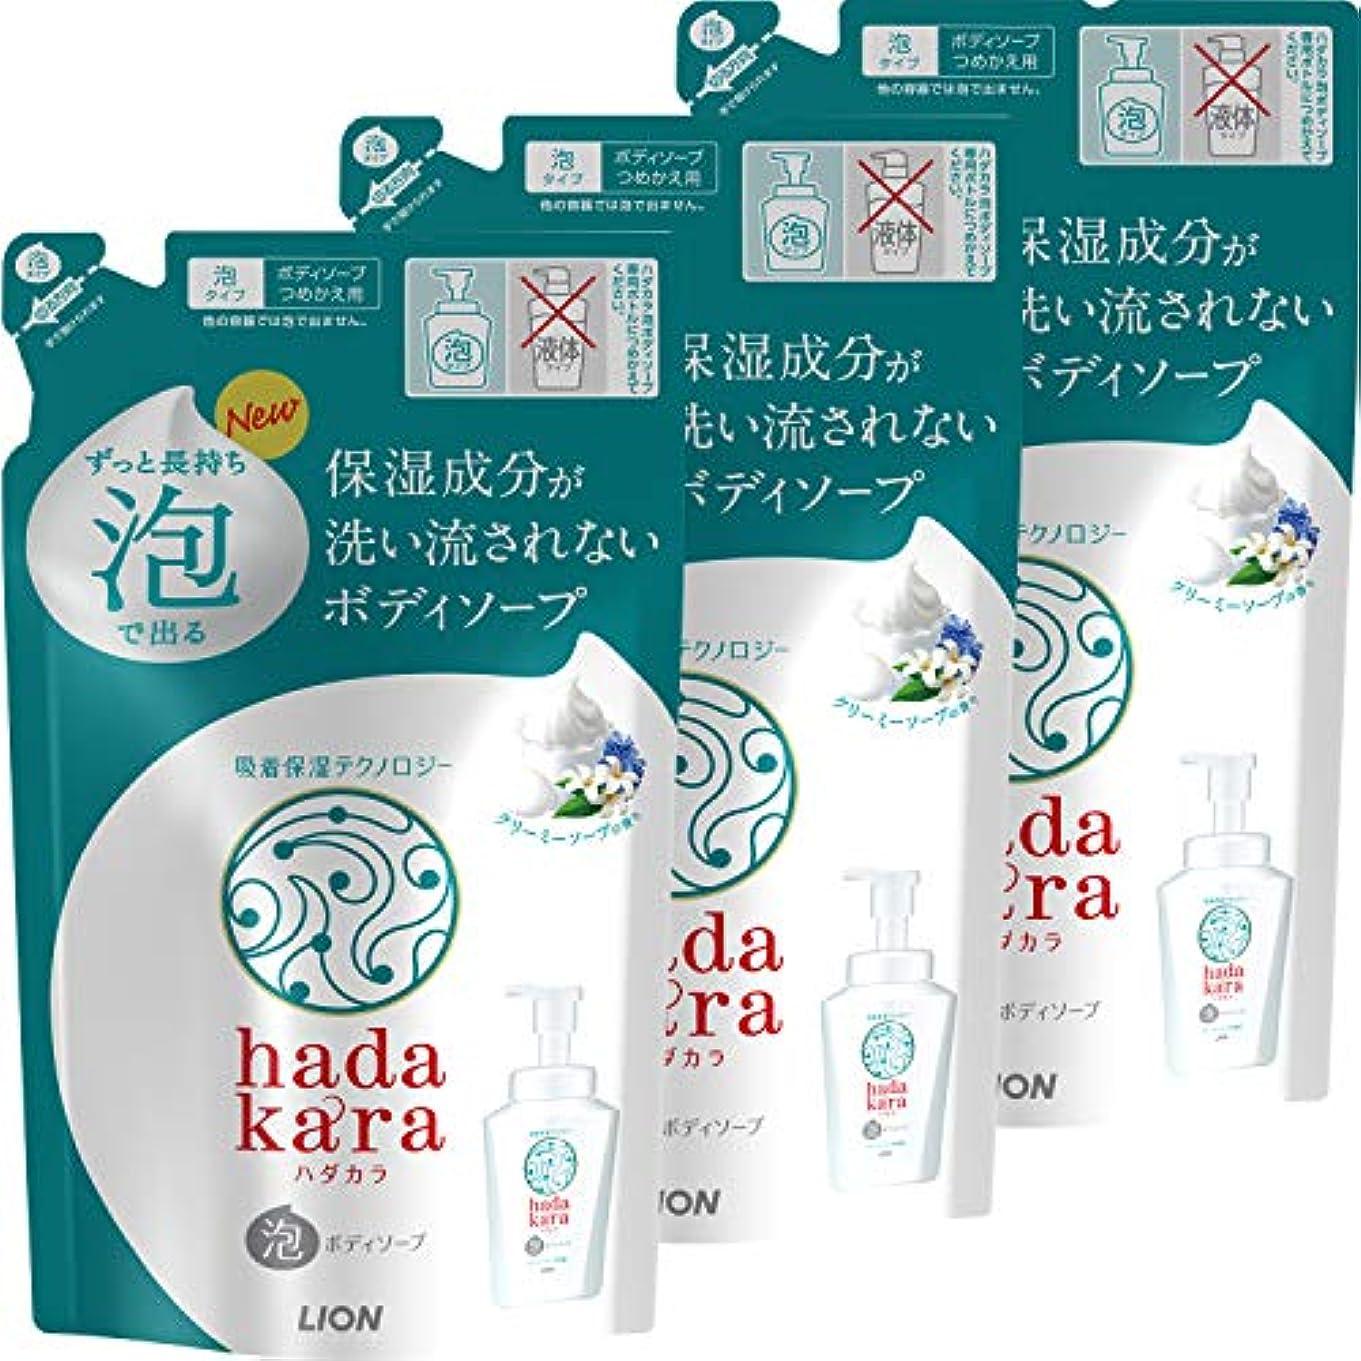 速いポンペイ後悔hadakara(ハダカラ) ボディソープ 泡タイプ クリーミーソープの香り 詰替440ml×3個